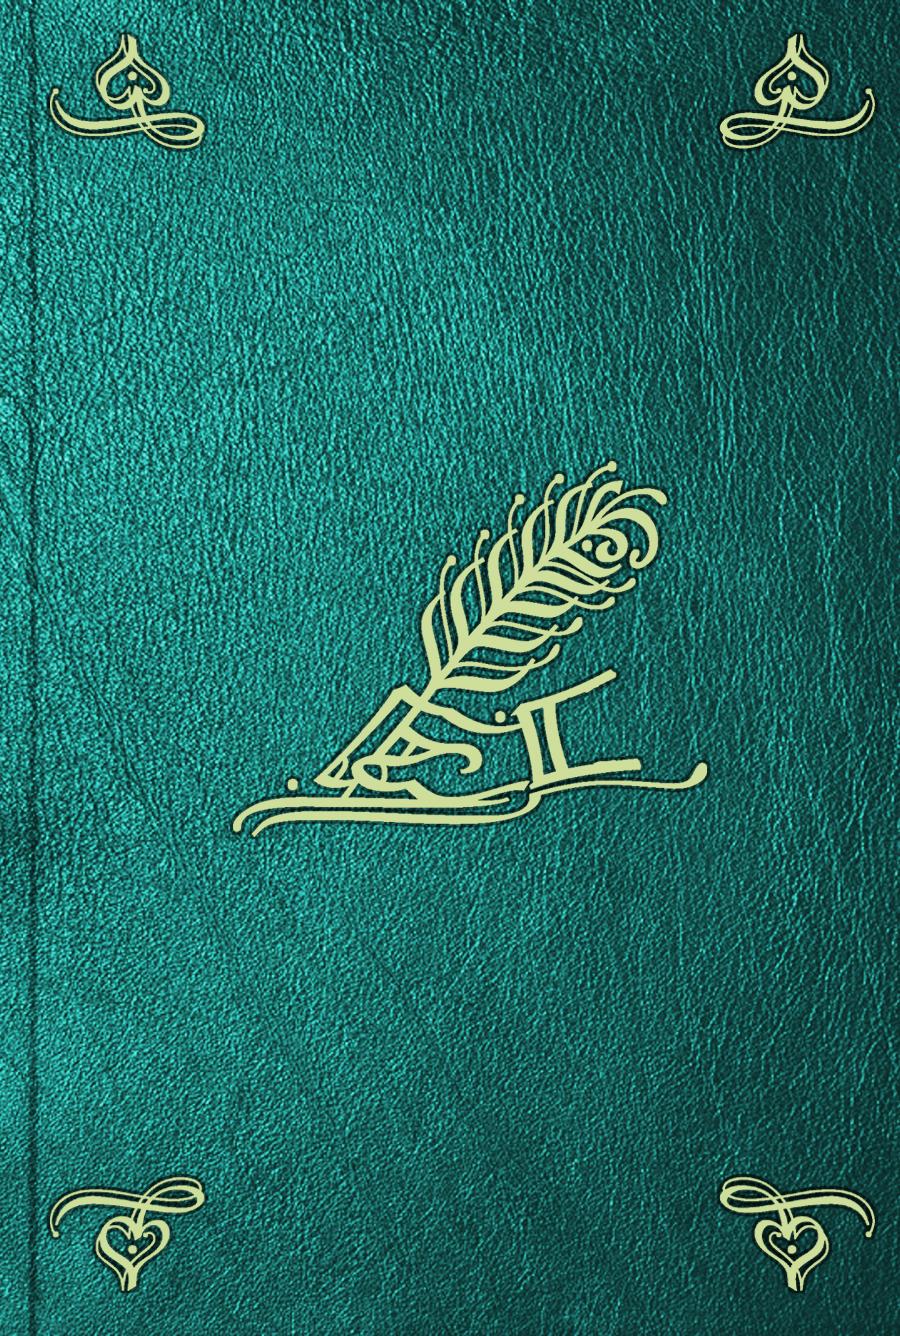 Philippe Avril Voyage en divers états d'Europe et d'Asie a vayssières souvenirs d un voyage en abyssinie volume 1 french edition